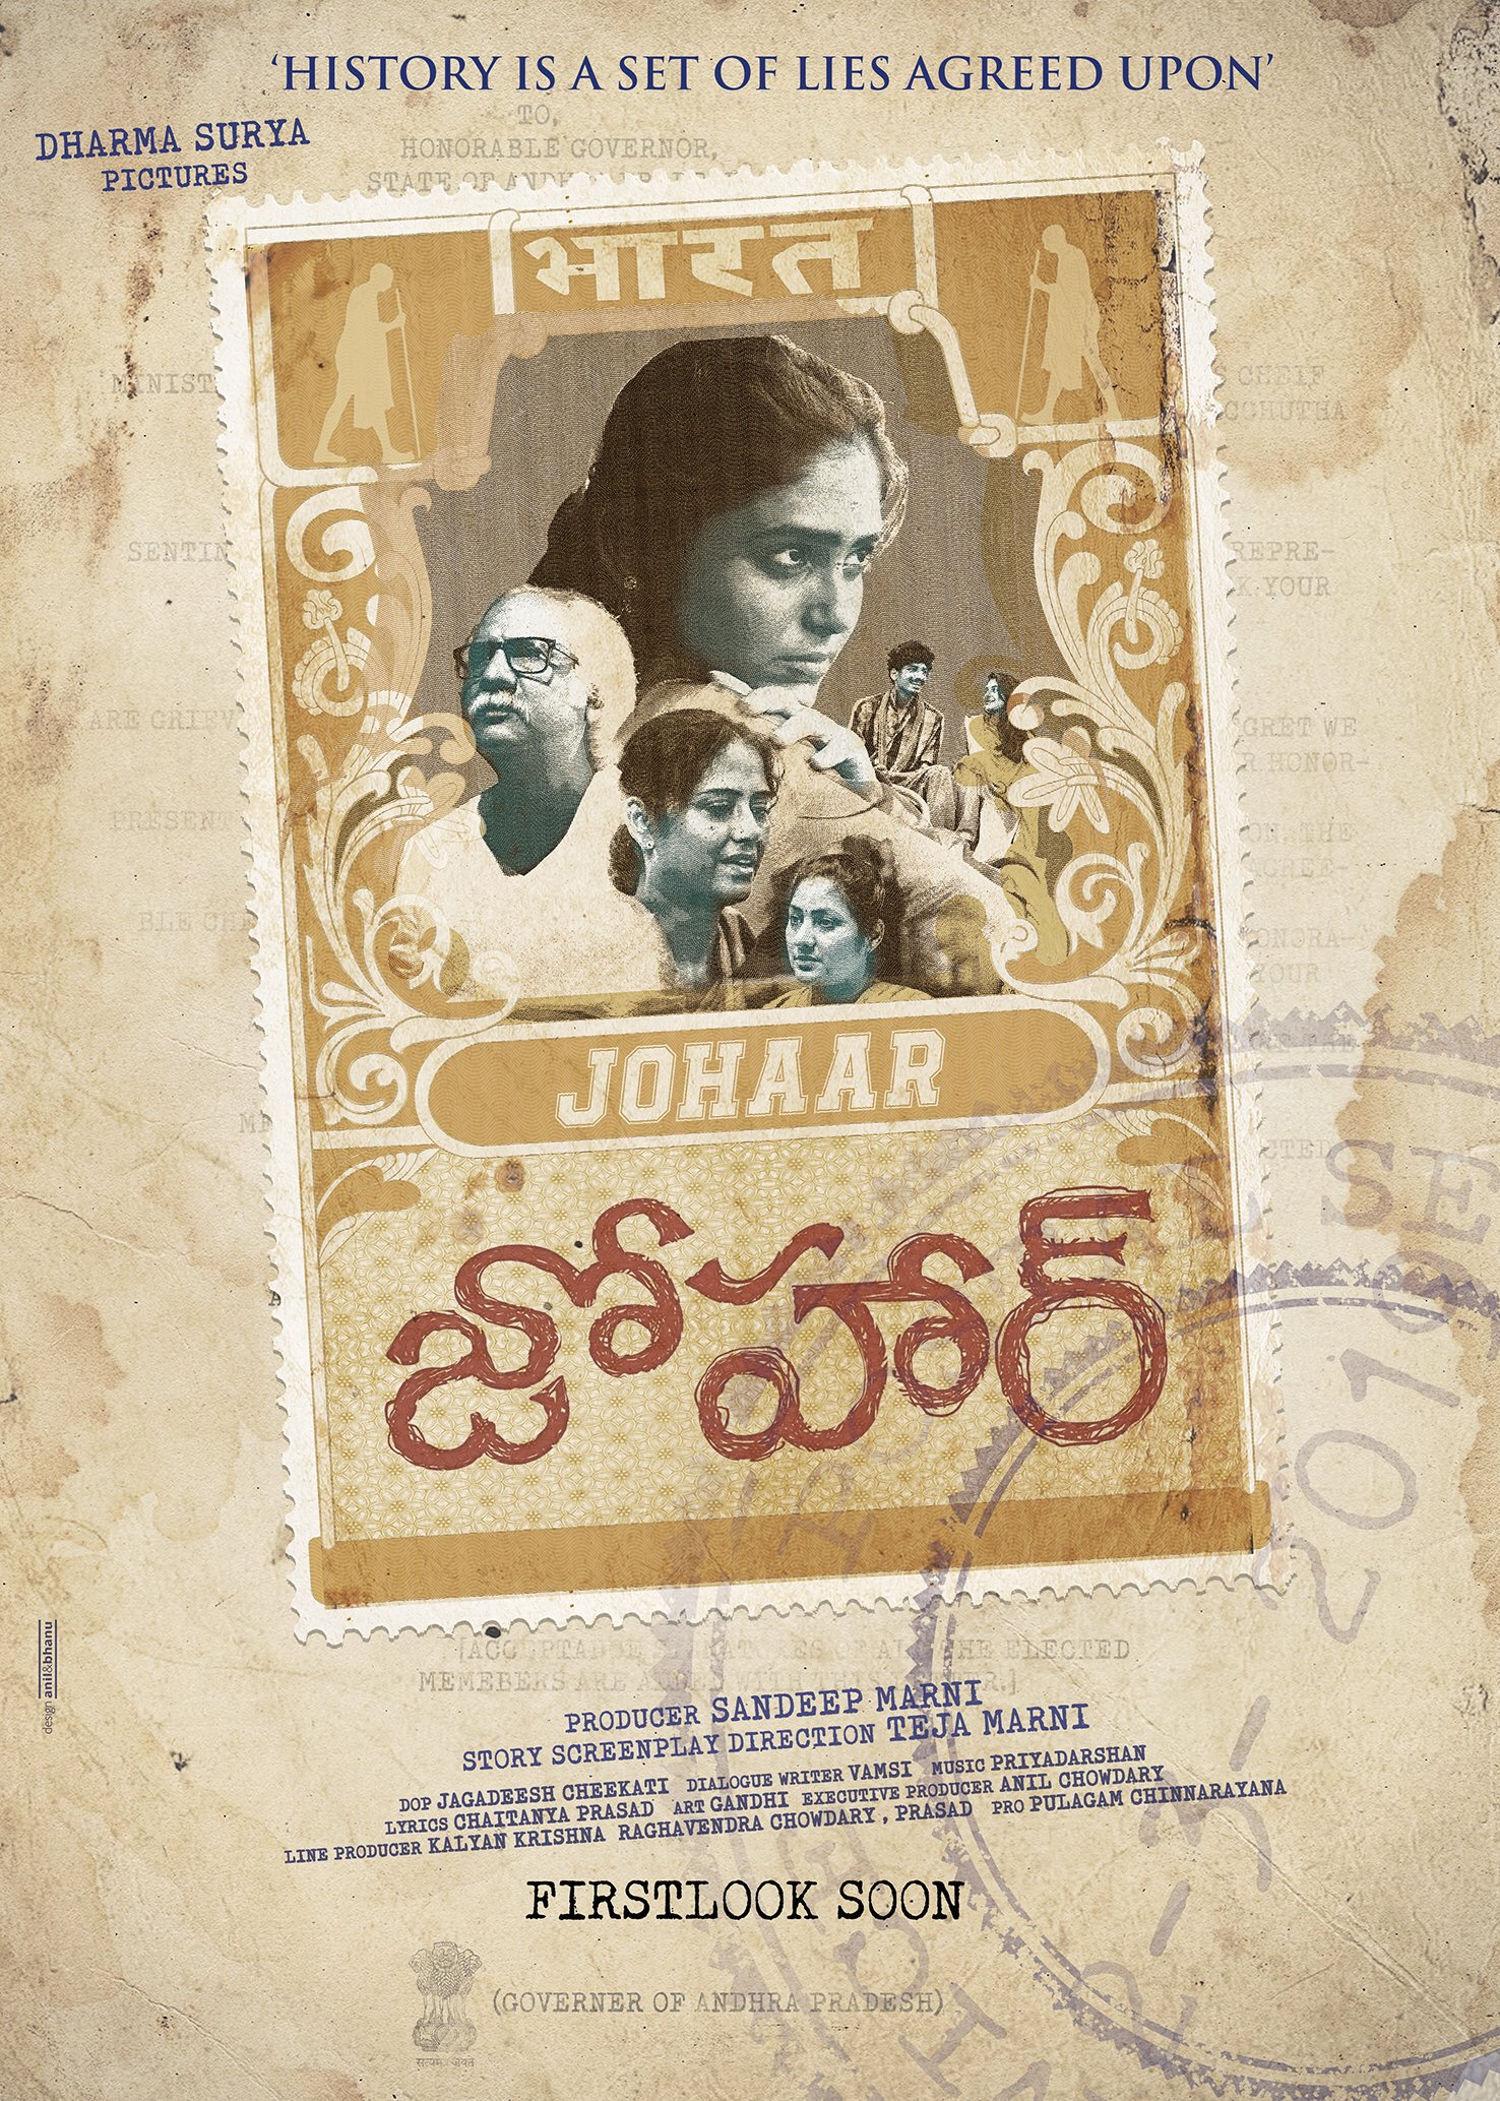 Johar Movie Pre Look Released